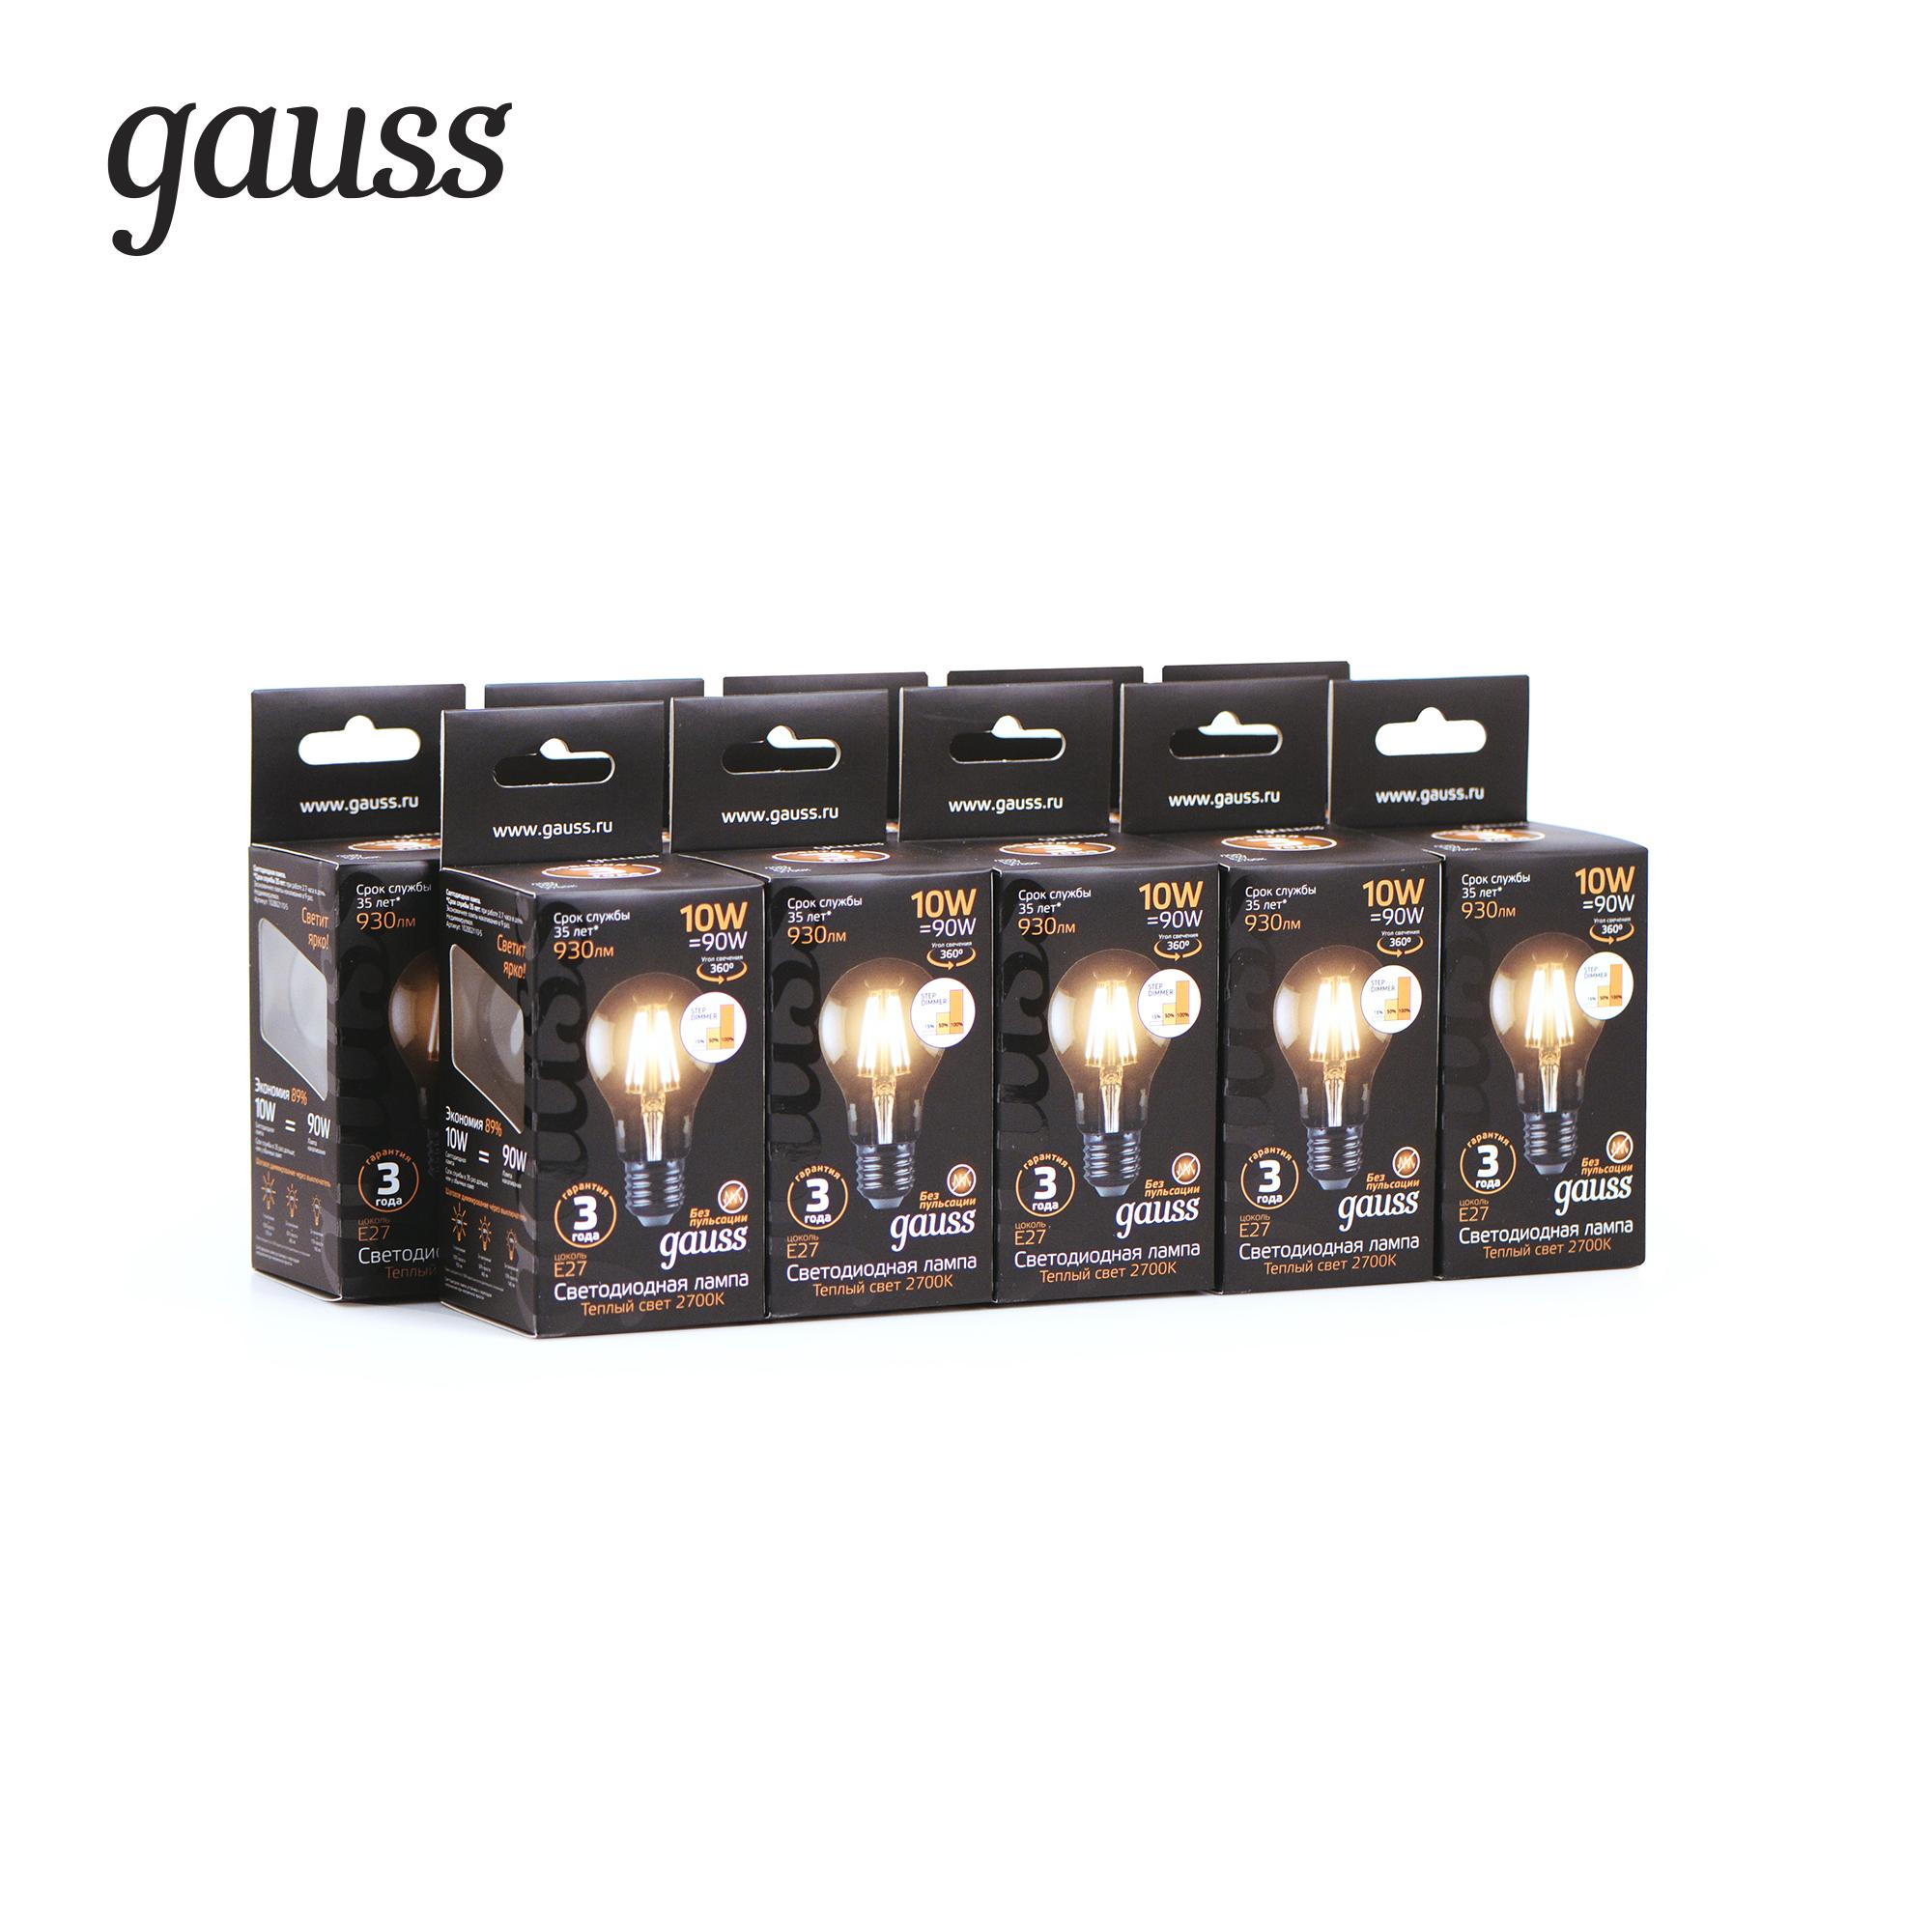 Филаментная светодиодная лампа Gauss 102802110 груша E27 10W, 2700K (теплый) CRI>90 185-265V, гарантия 3 года - фото 9